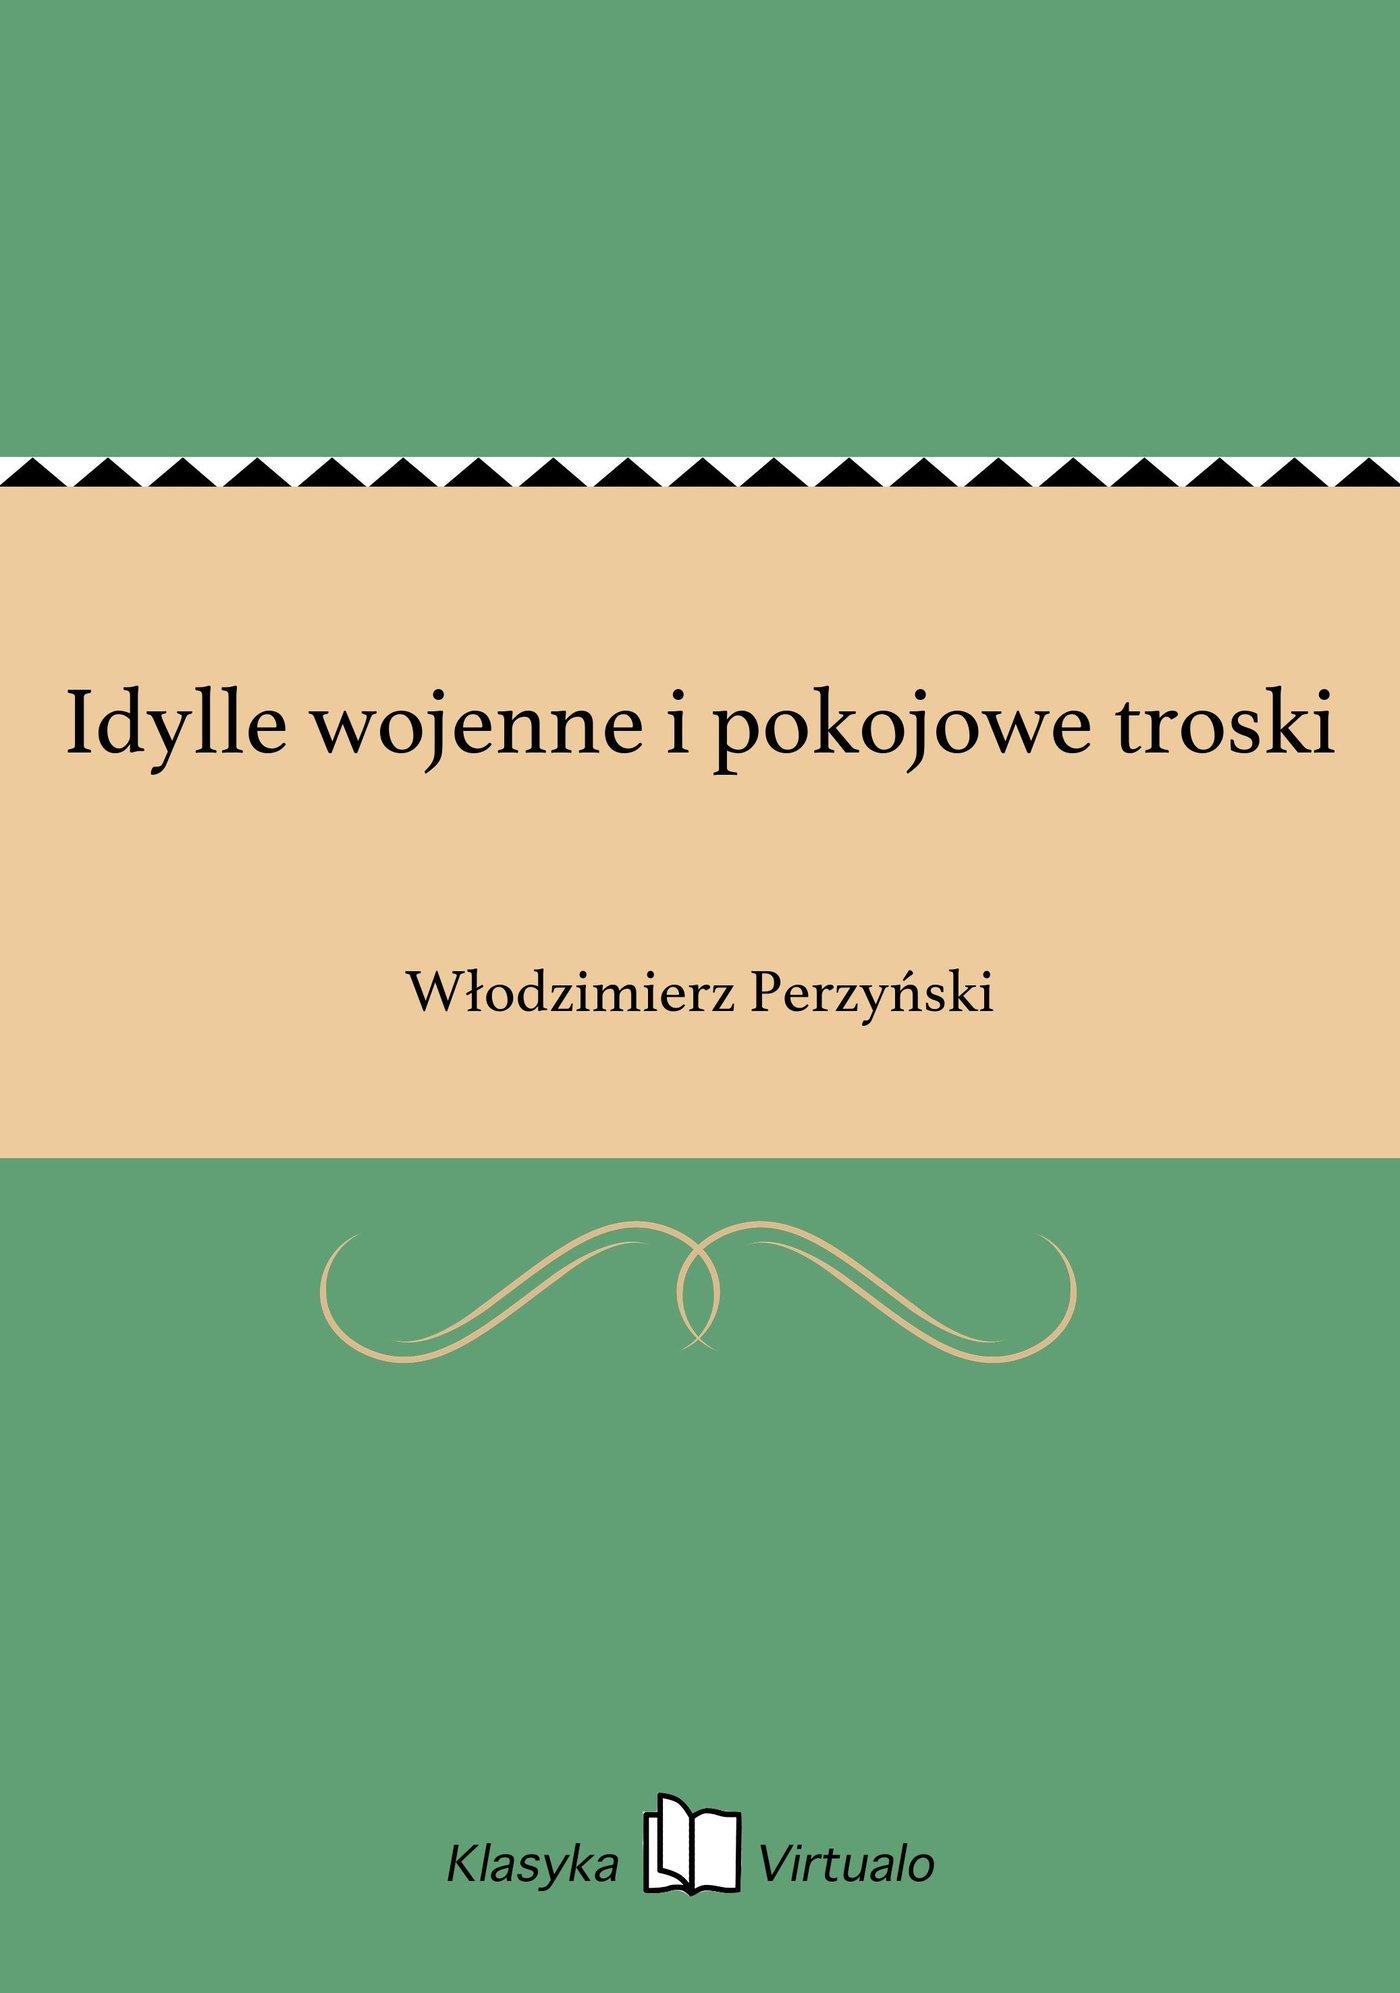 Idylle wojenne i pokojowe troski - Ebook (Książka EPUB) do pobrania w formacie EPUB